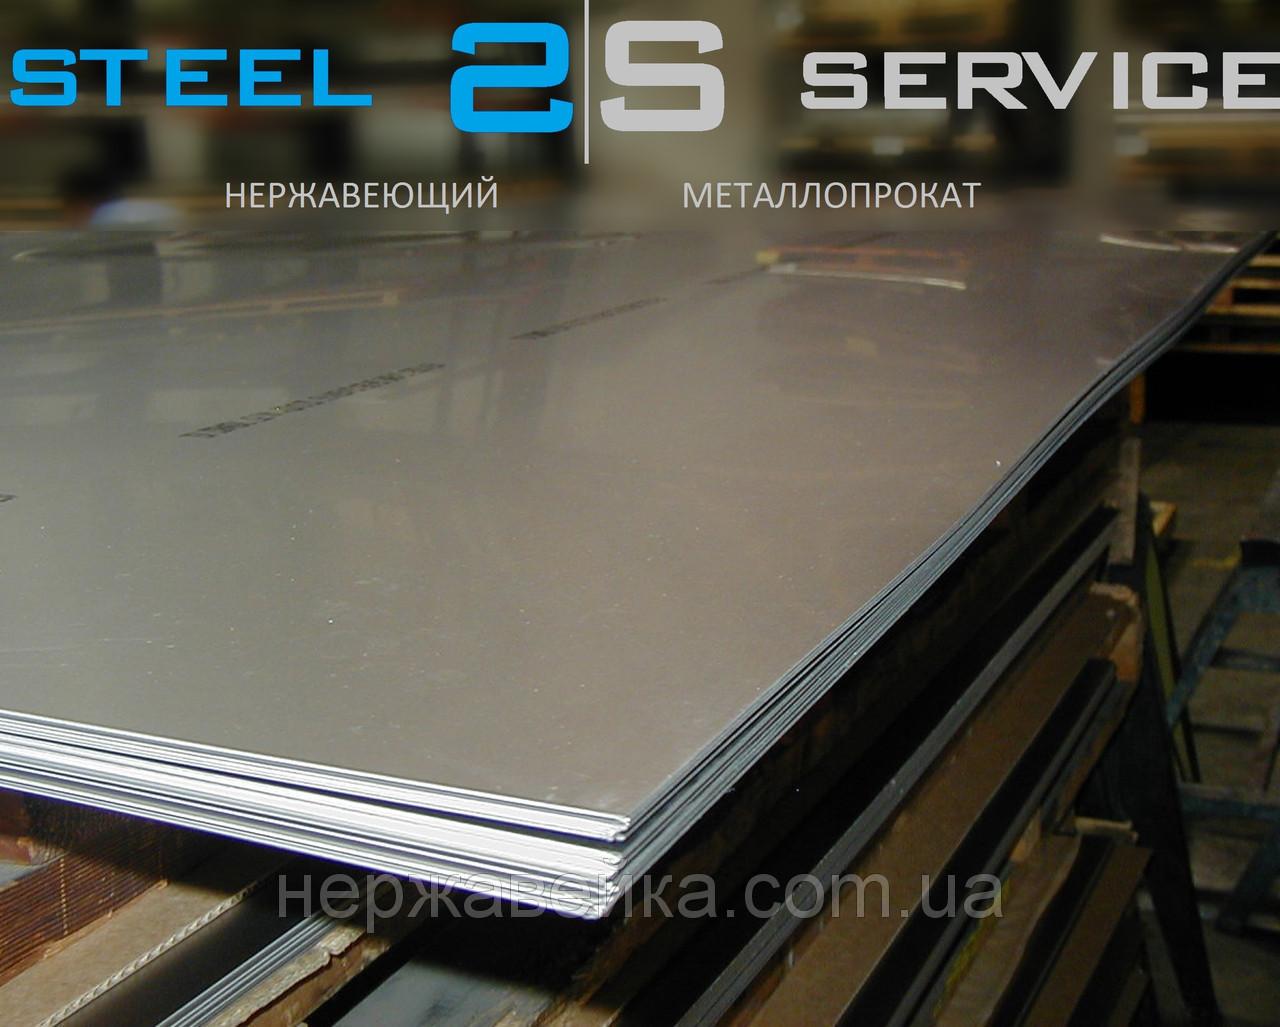 Нержавейка лист 6х1500х3000мм AISI 304(08Х18Н10) F1 - горячекатанный,  пищевой